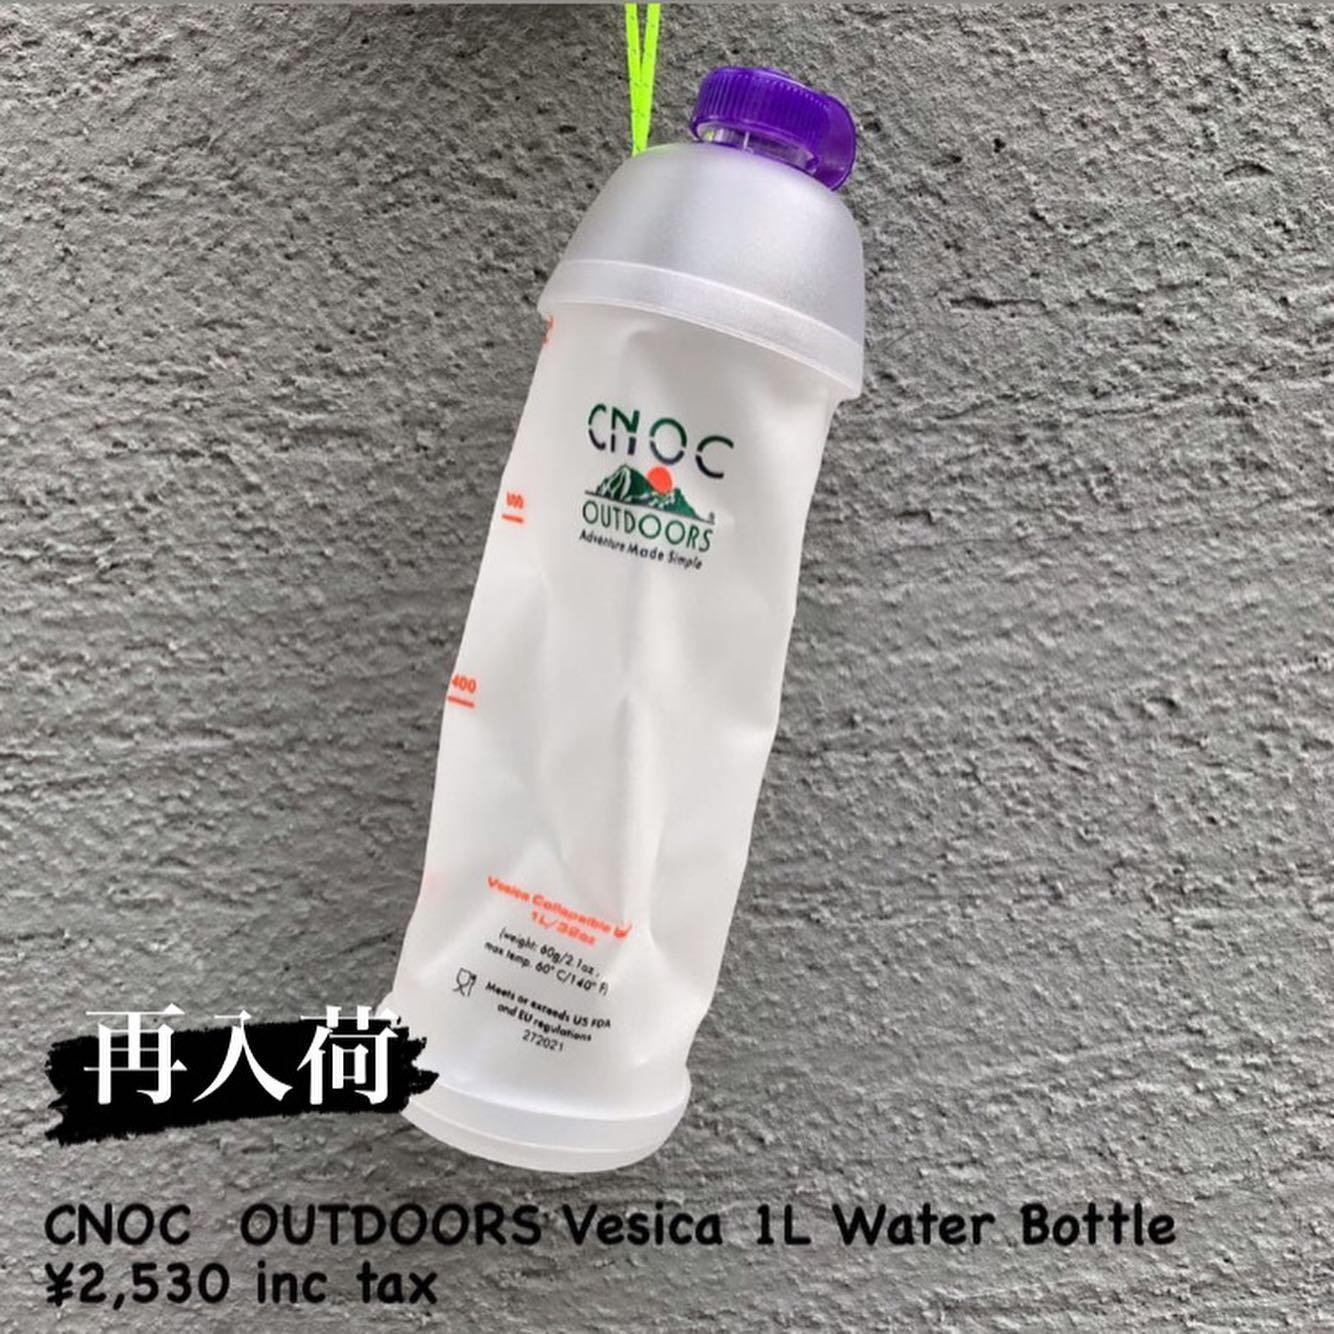 『CNOC OUTDOORS ヴェシカ1L ウォーターボトル』再入荷のお知らせ